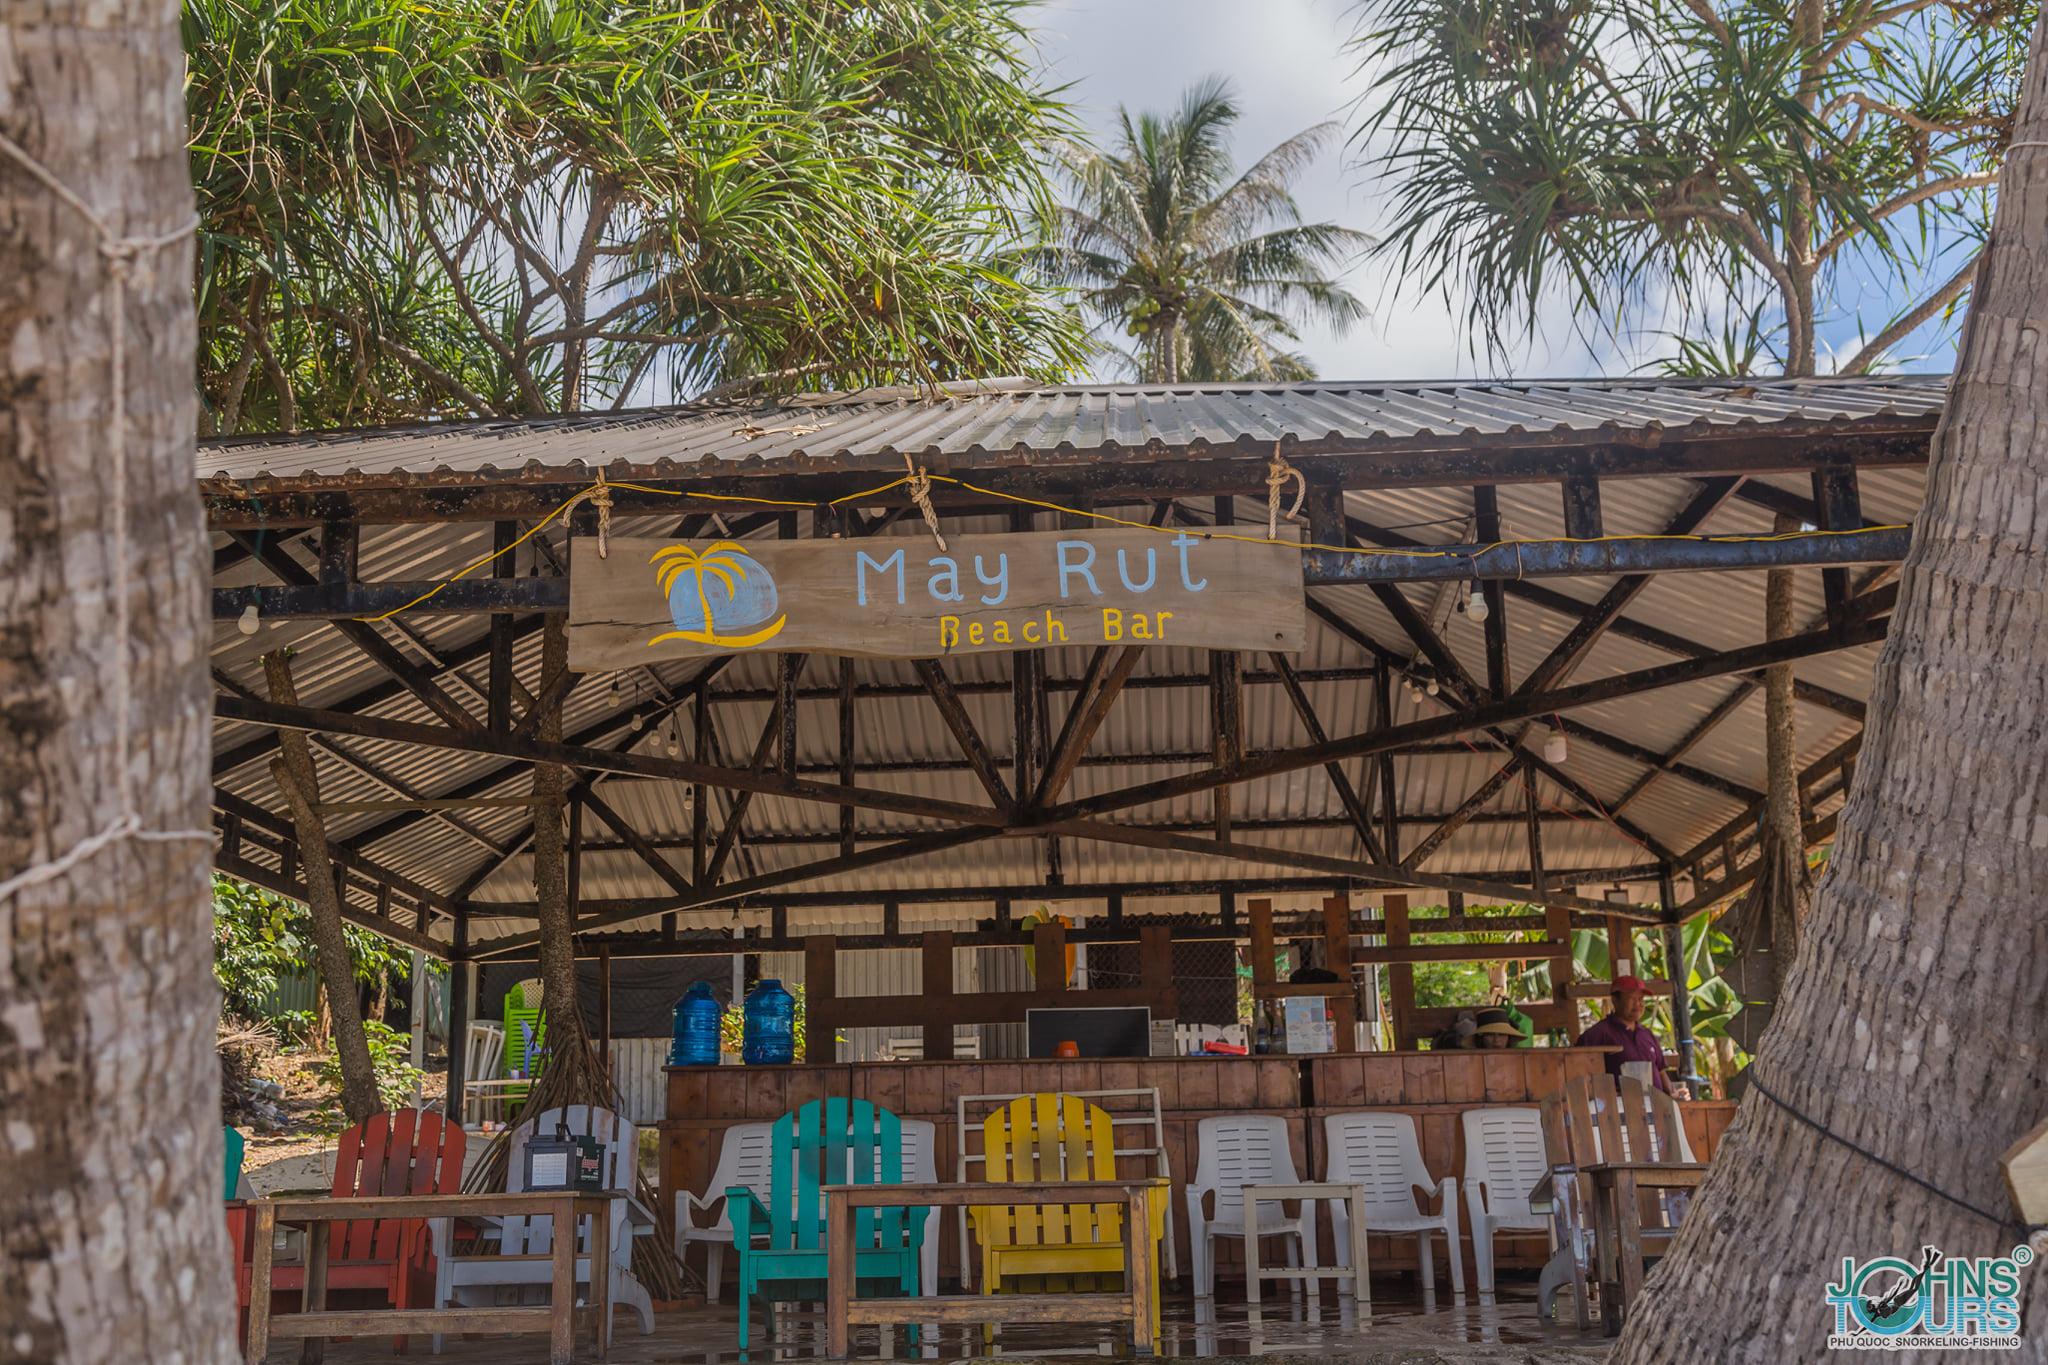 May Rut Beach Bar